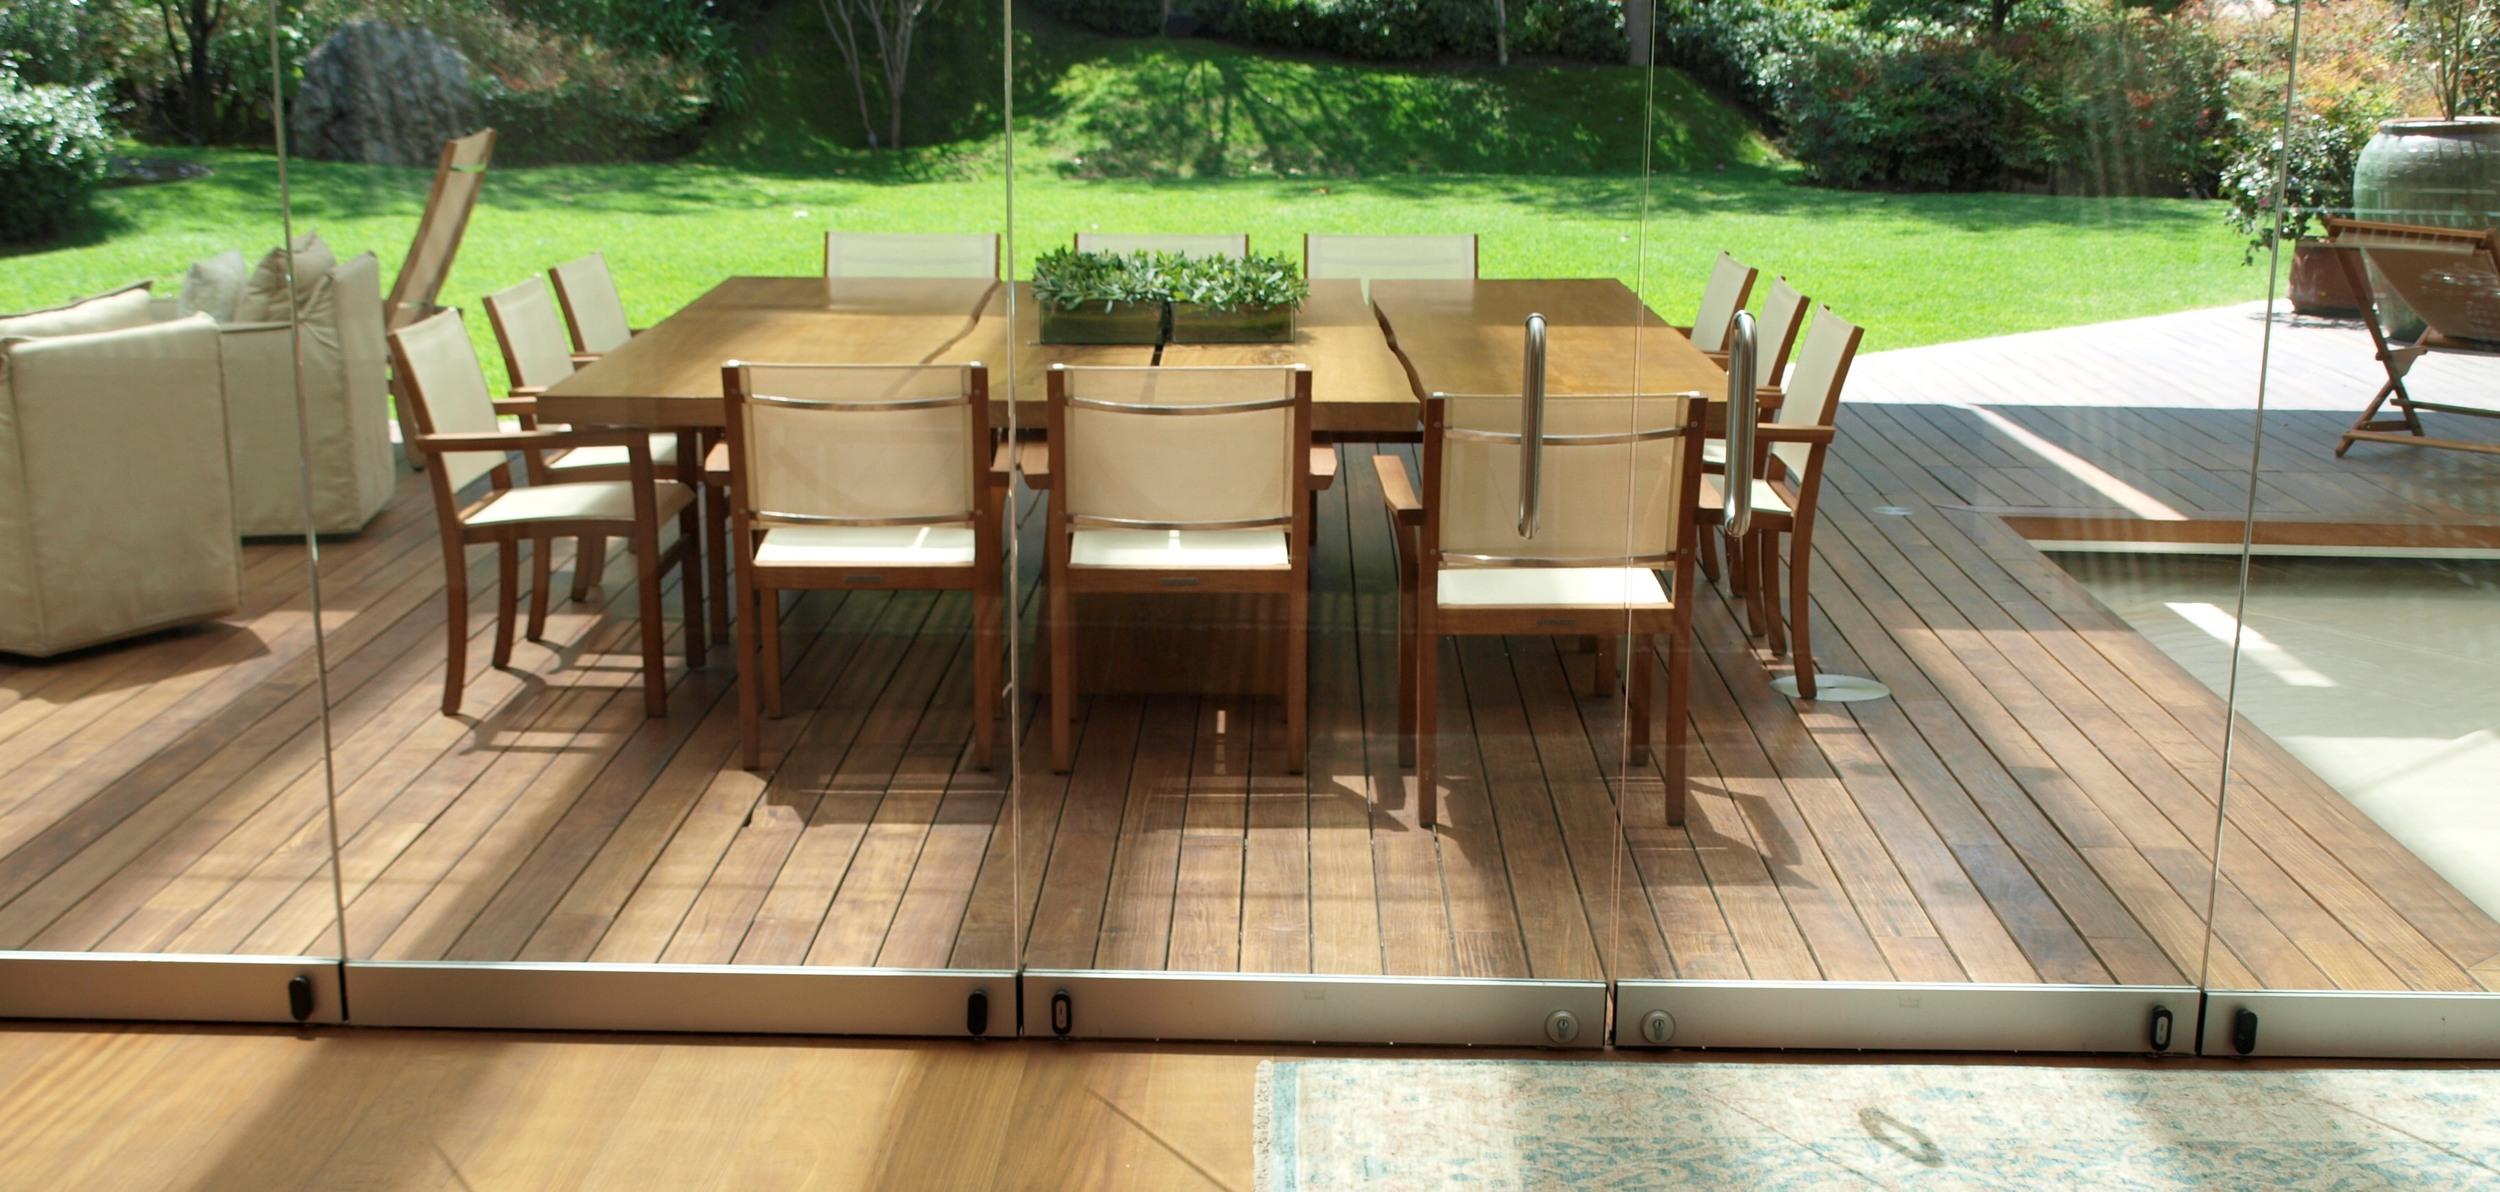 AA Teak Burma flooring and deck.